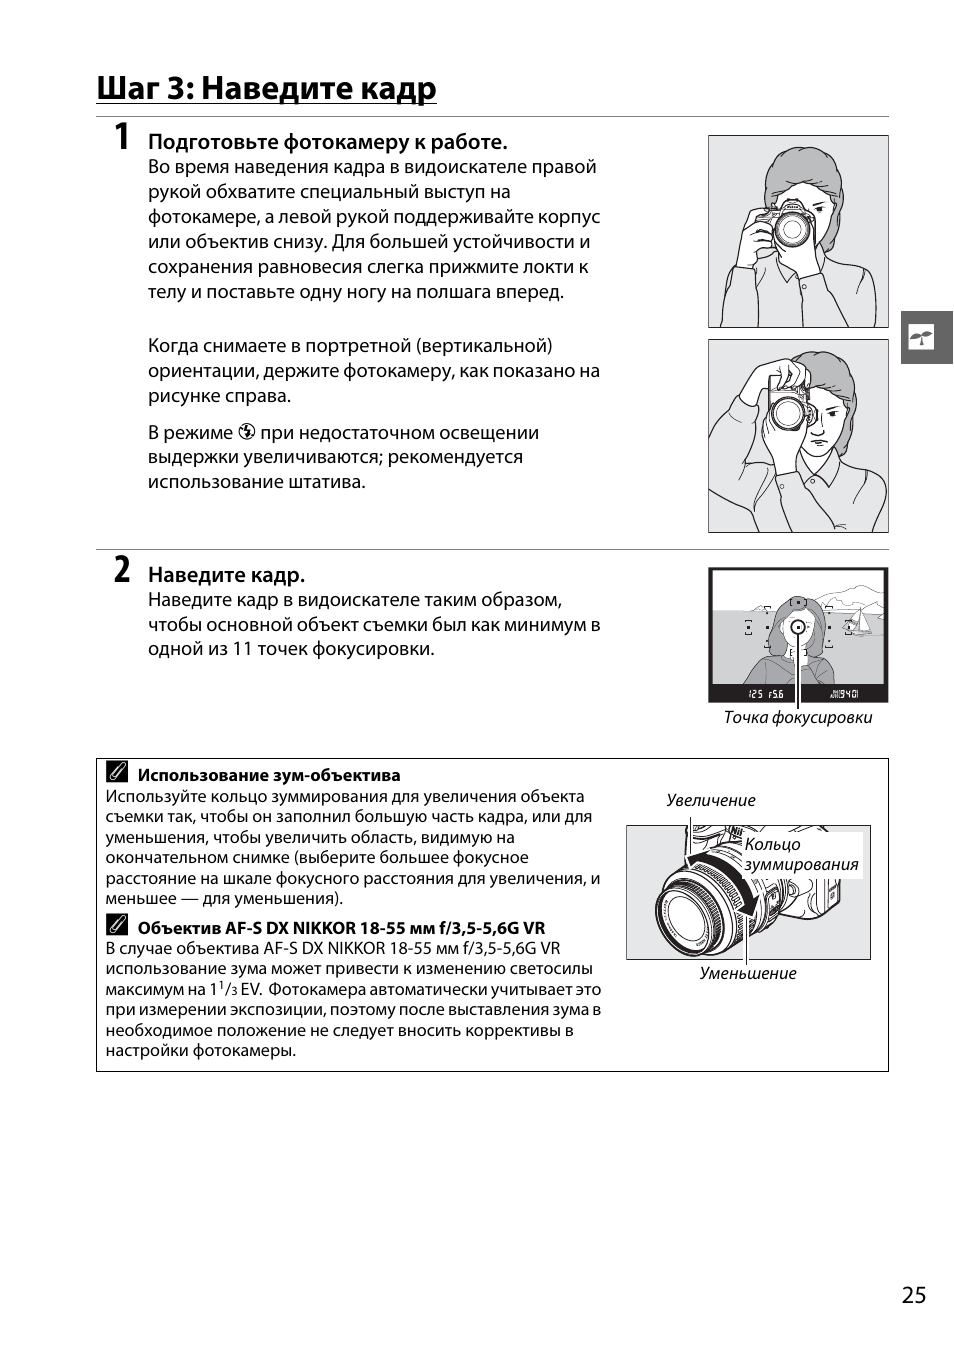 инструкция по эксплуатации фотоаппарата никон произошёл, когда самого